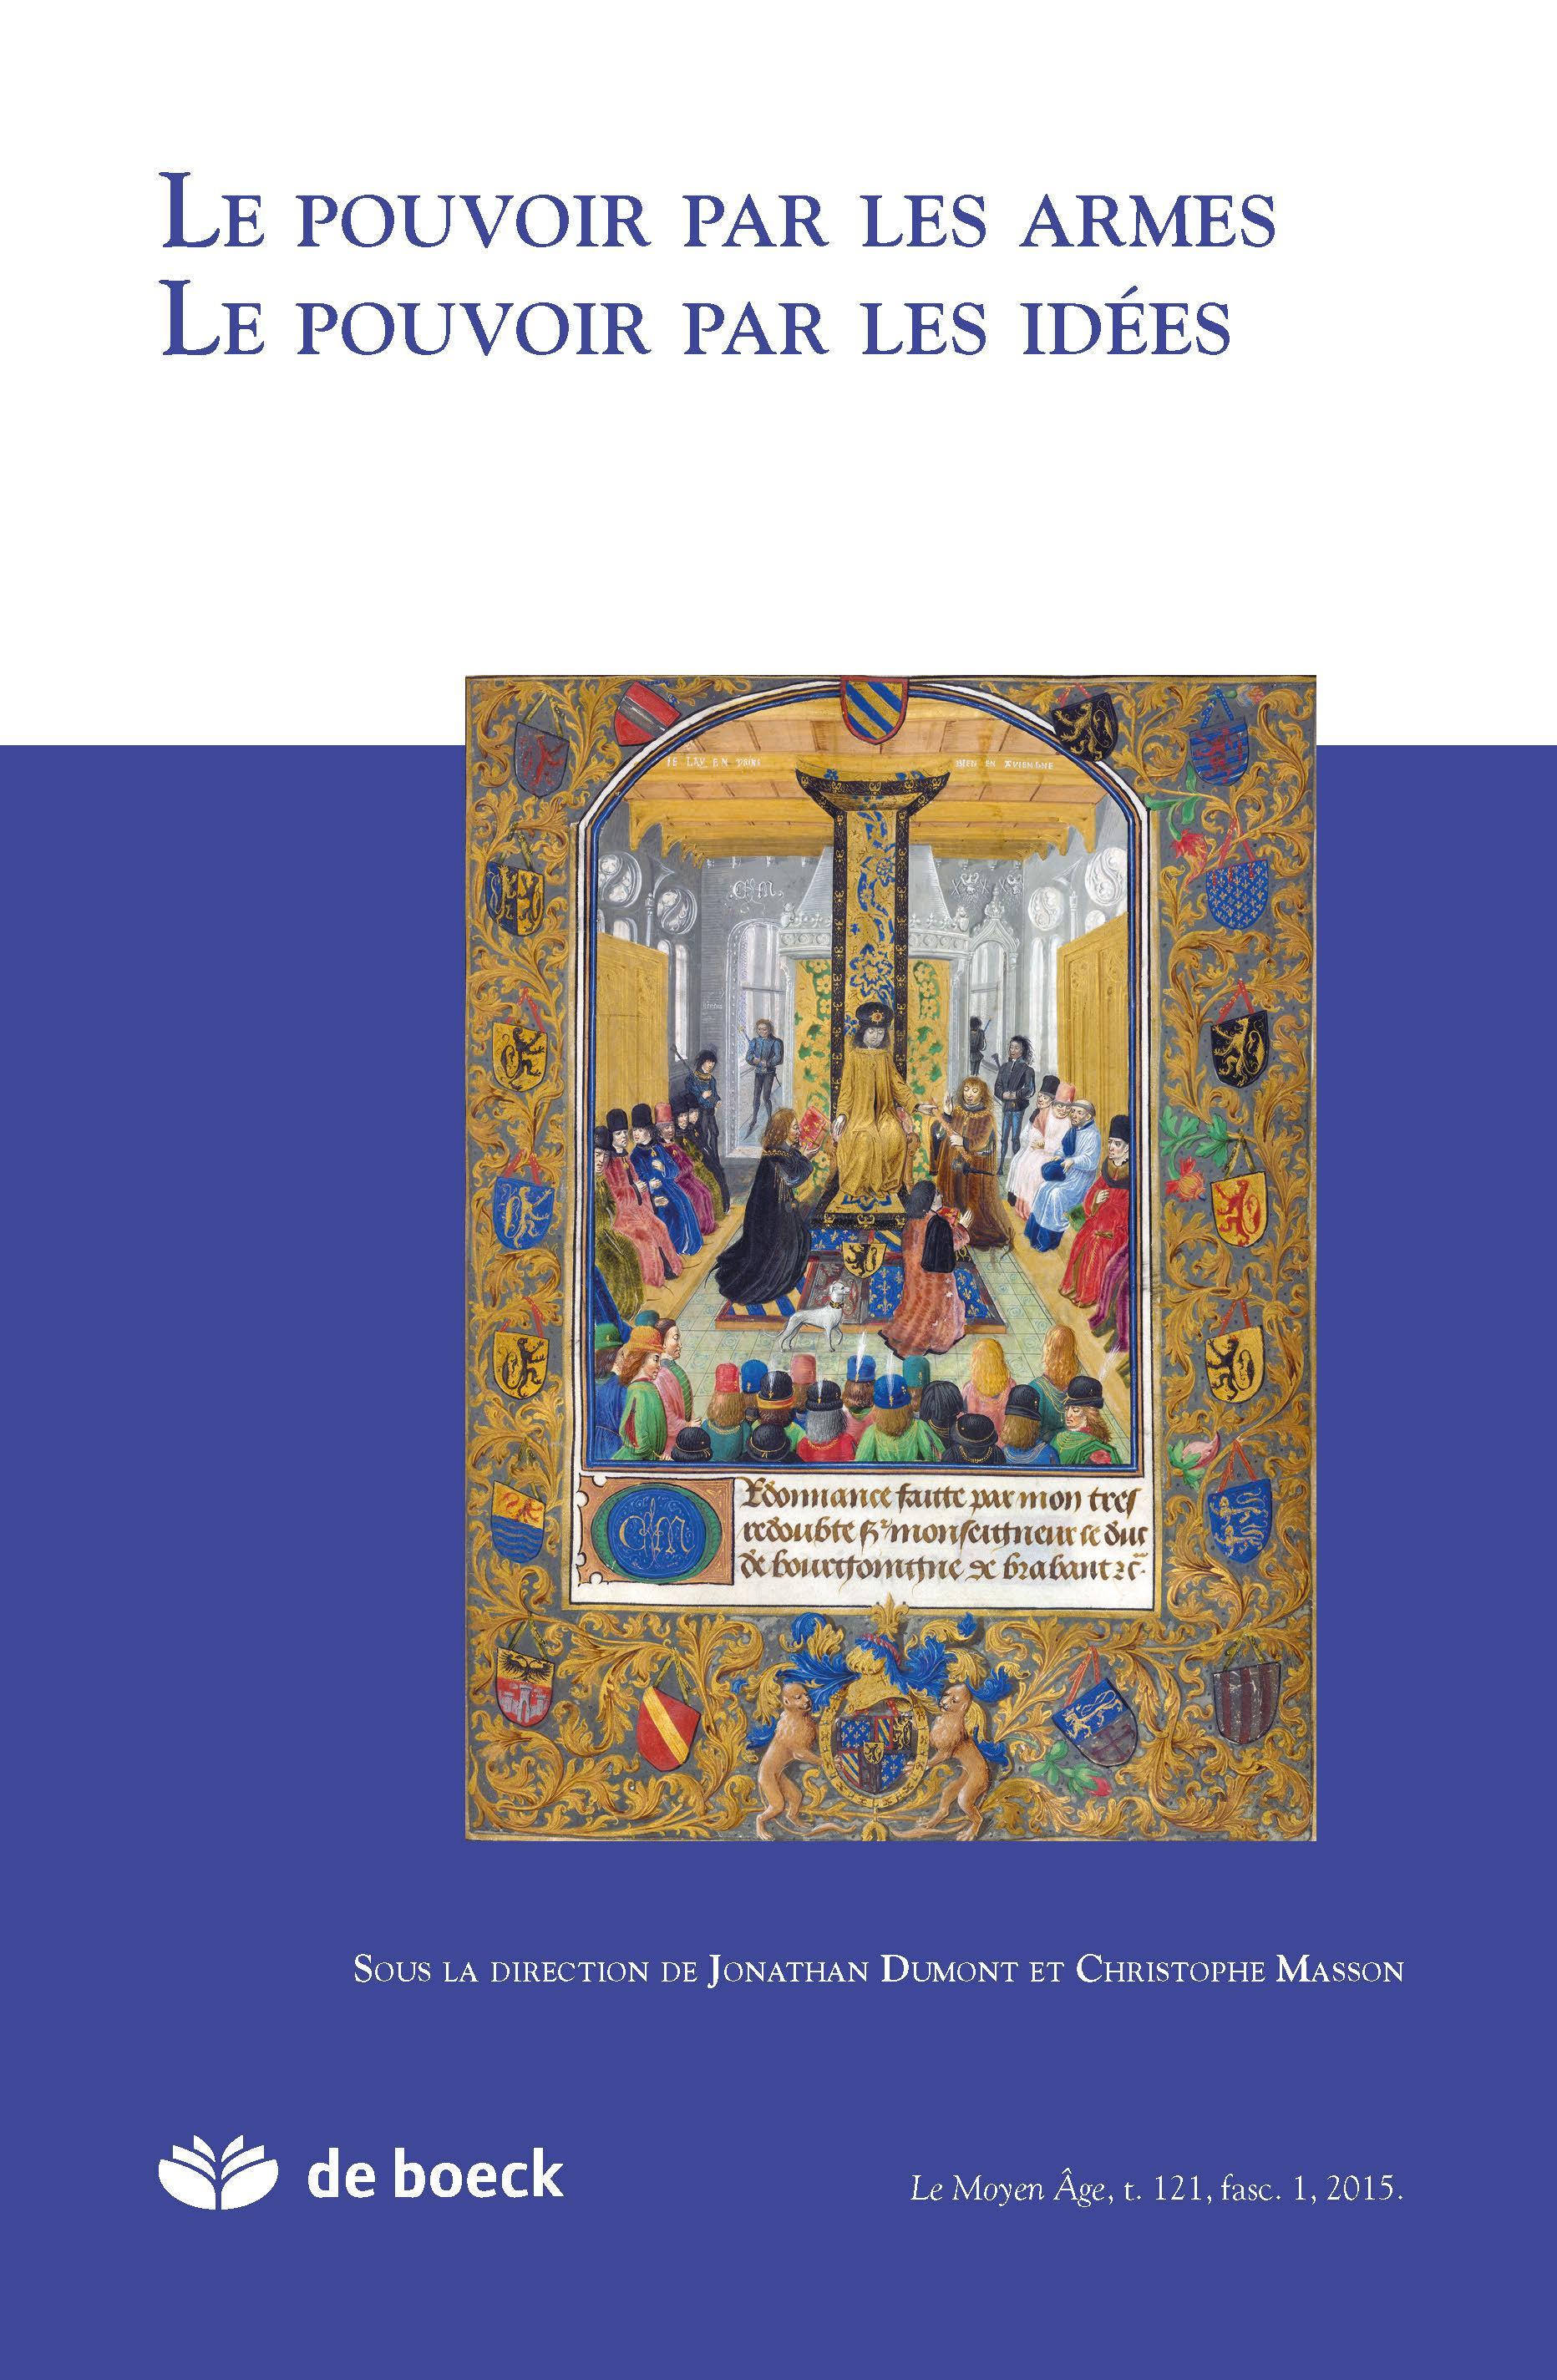 Le Manuscrit De La Couronne Margaritique De Jean Lemaire De Belges